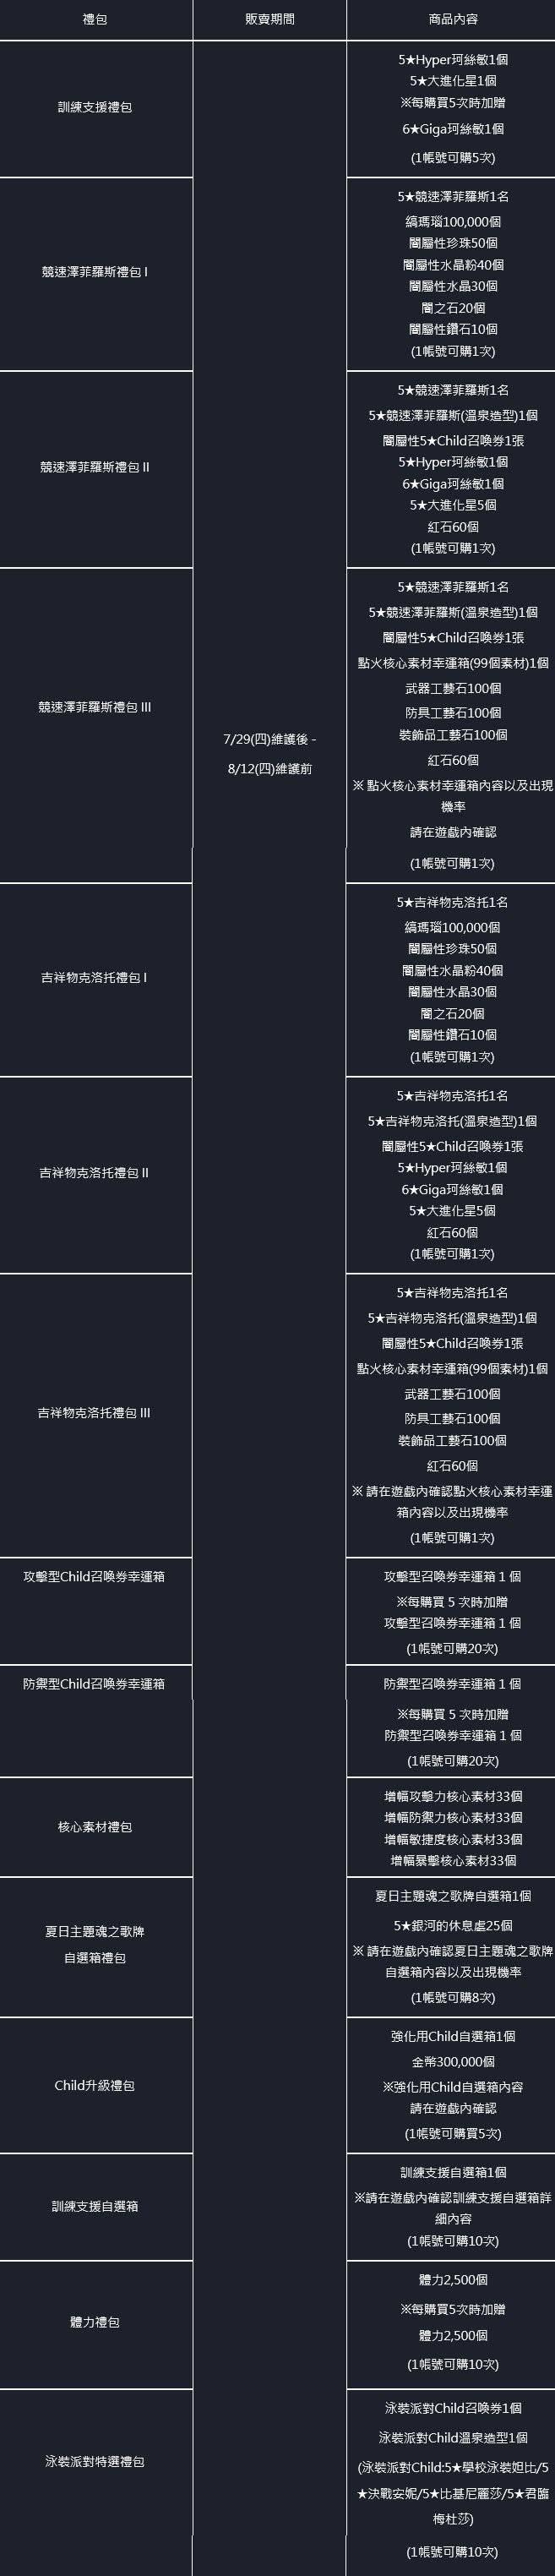 命運之子: 歷史新聞/活動 - 21/07/29 改版公告 image 392